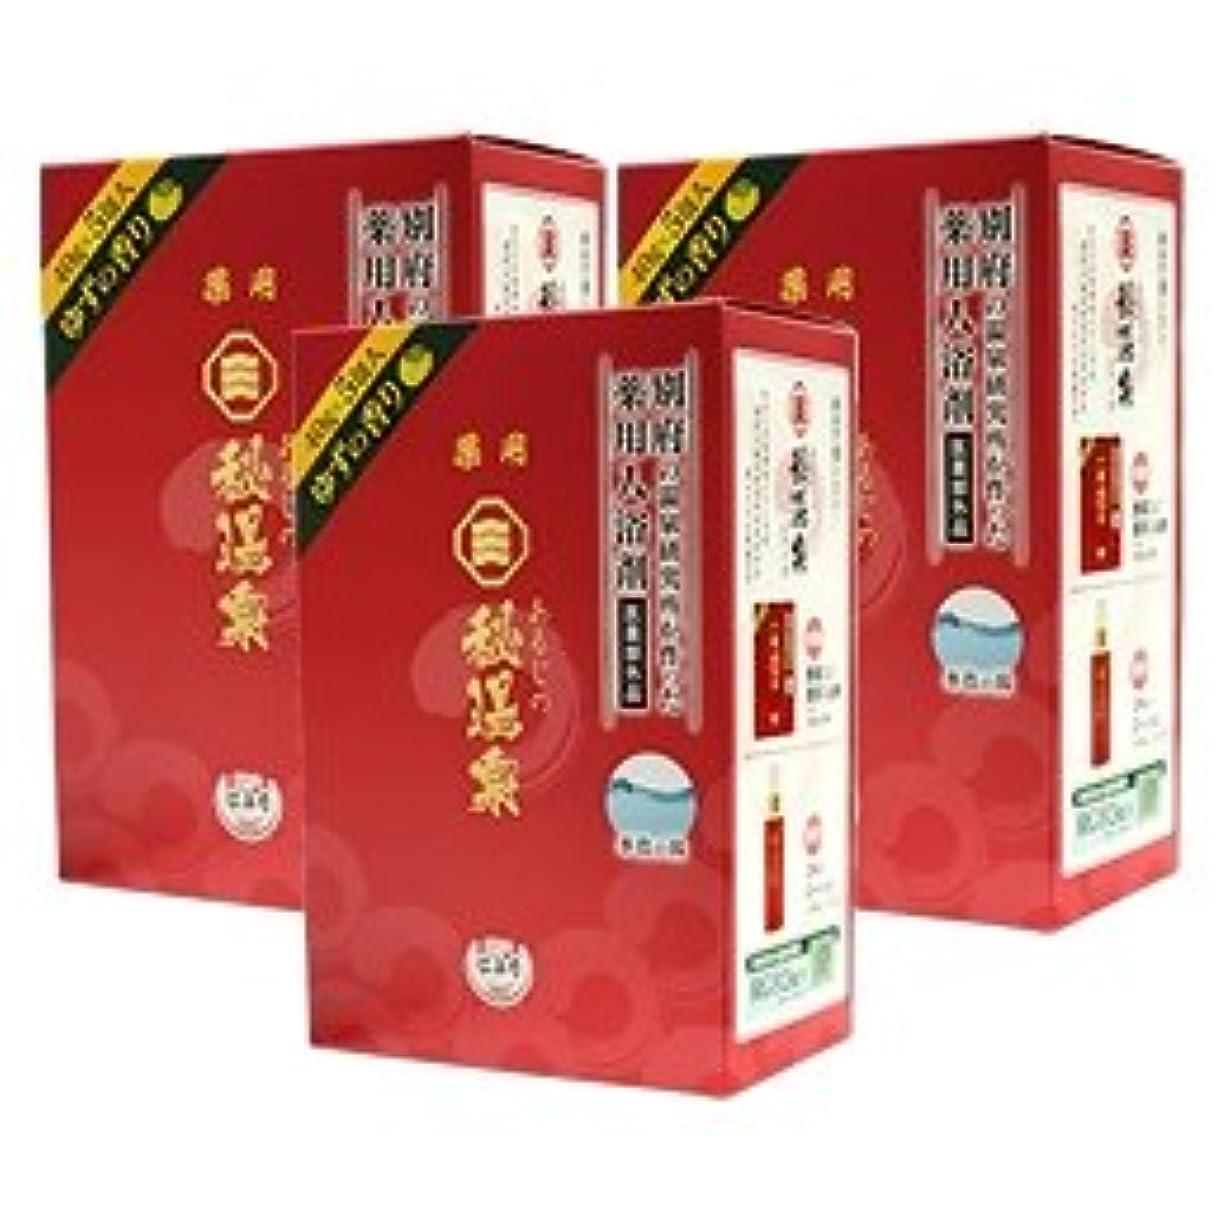 排除する潜在的な日食薬用入浴剤 あるじの秘湯泉 ×3箱(1箱5包入り)セット